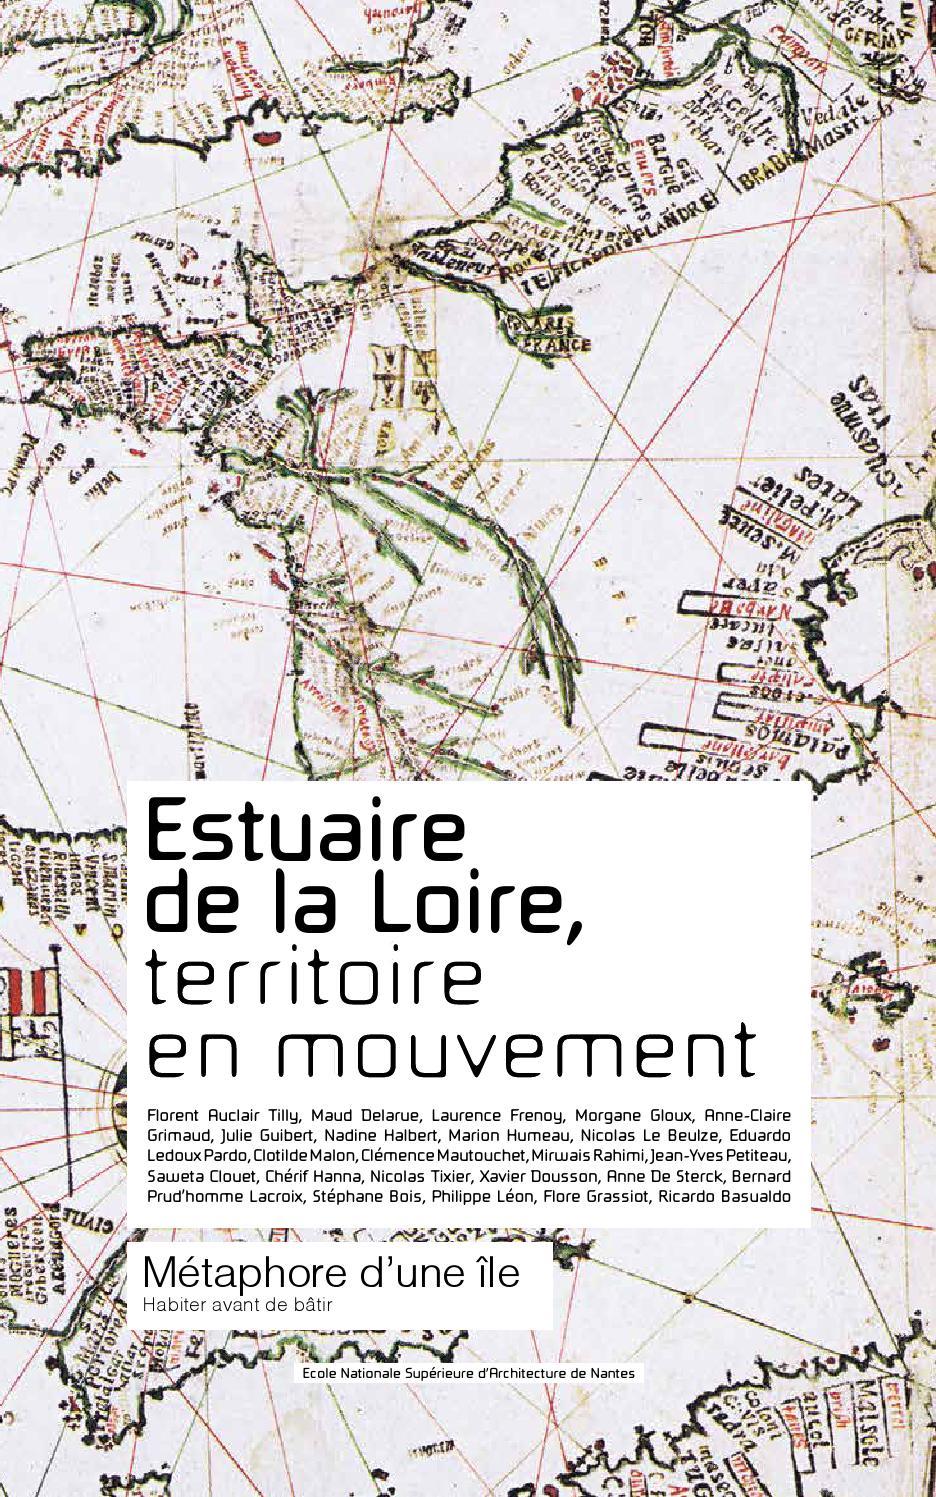 estuaire 2029 la m233taphore dune 238le by estuaire 2029